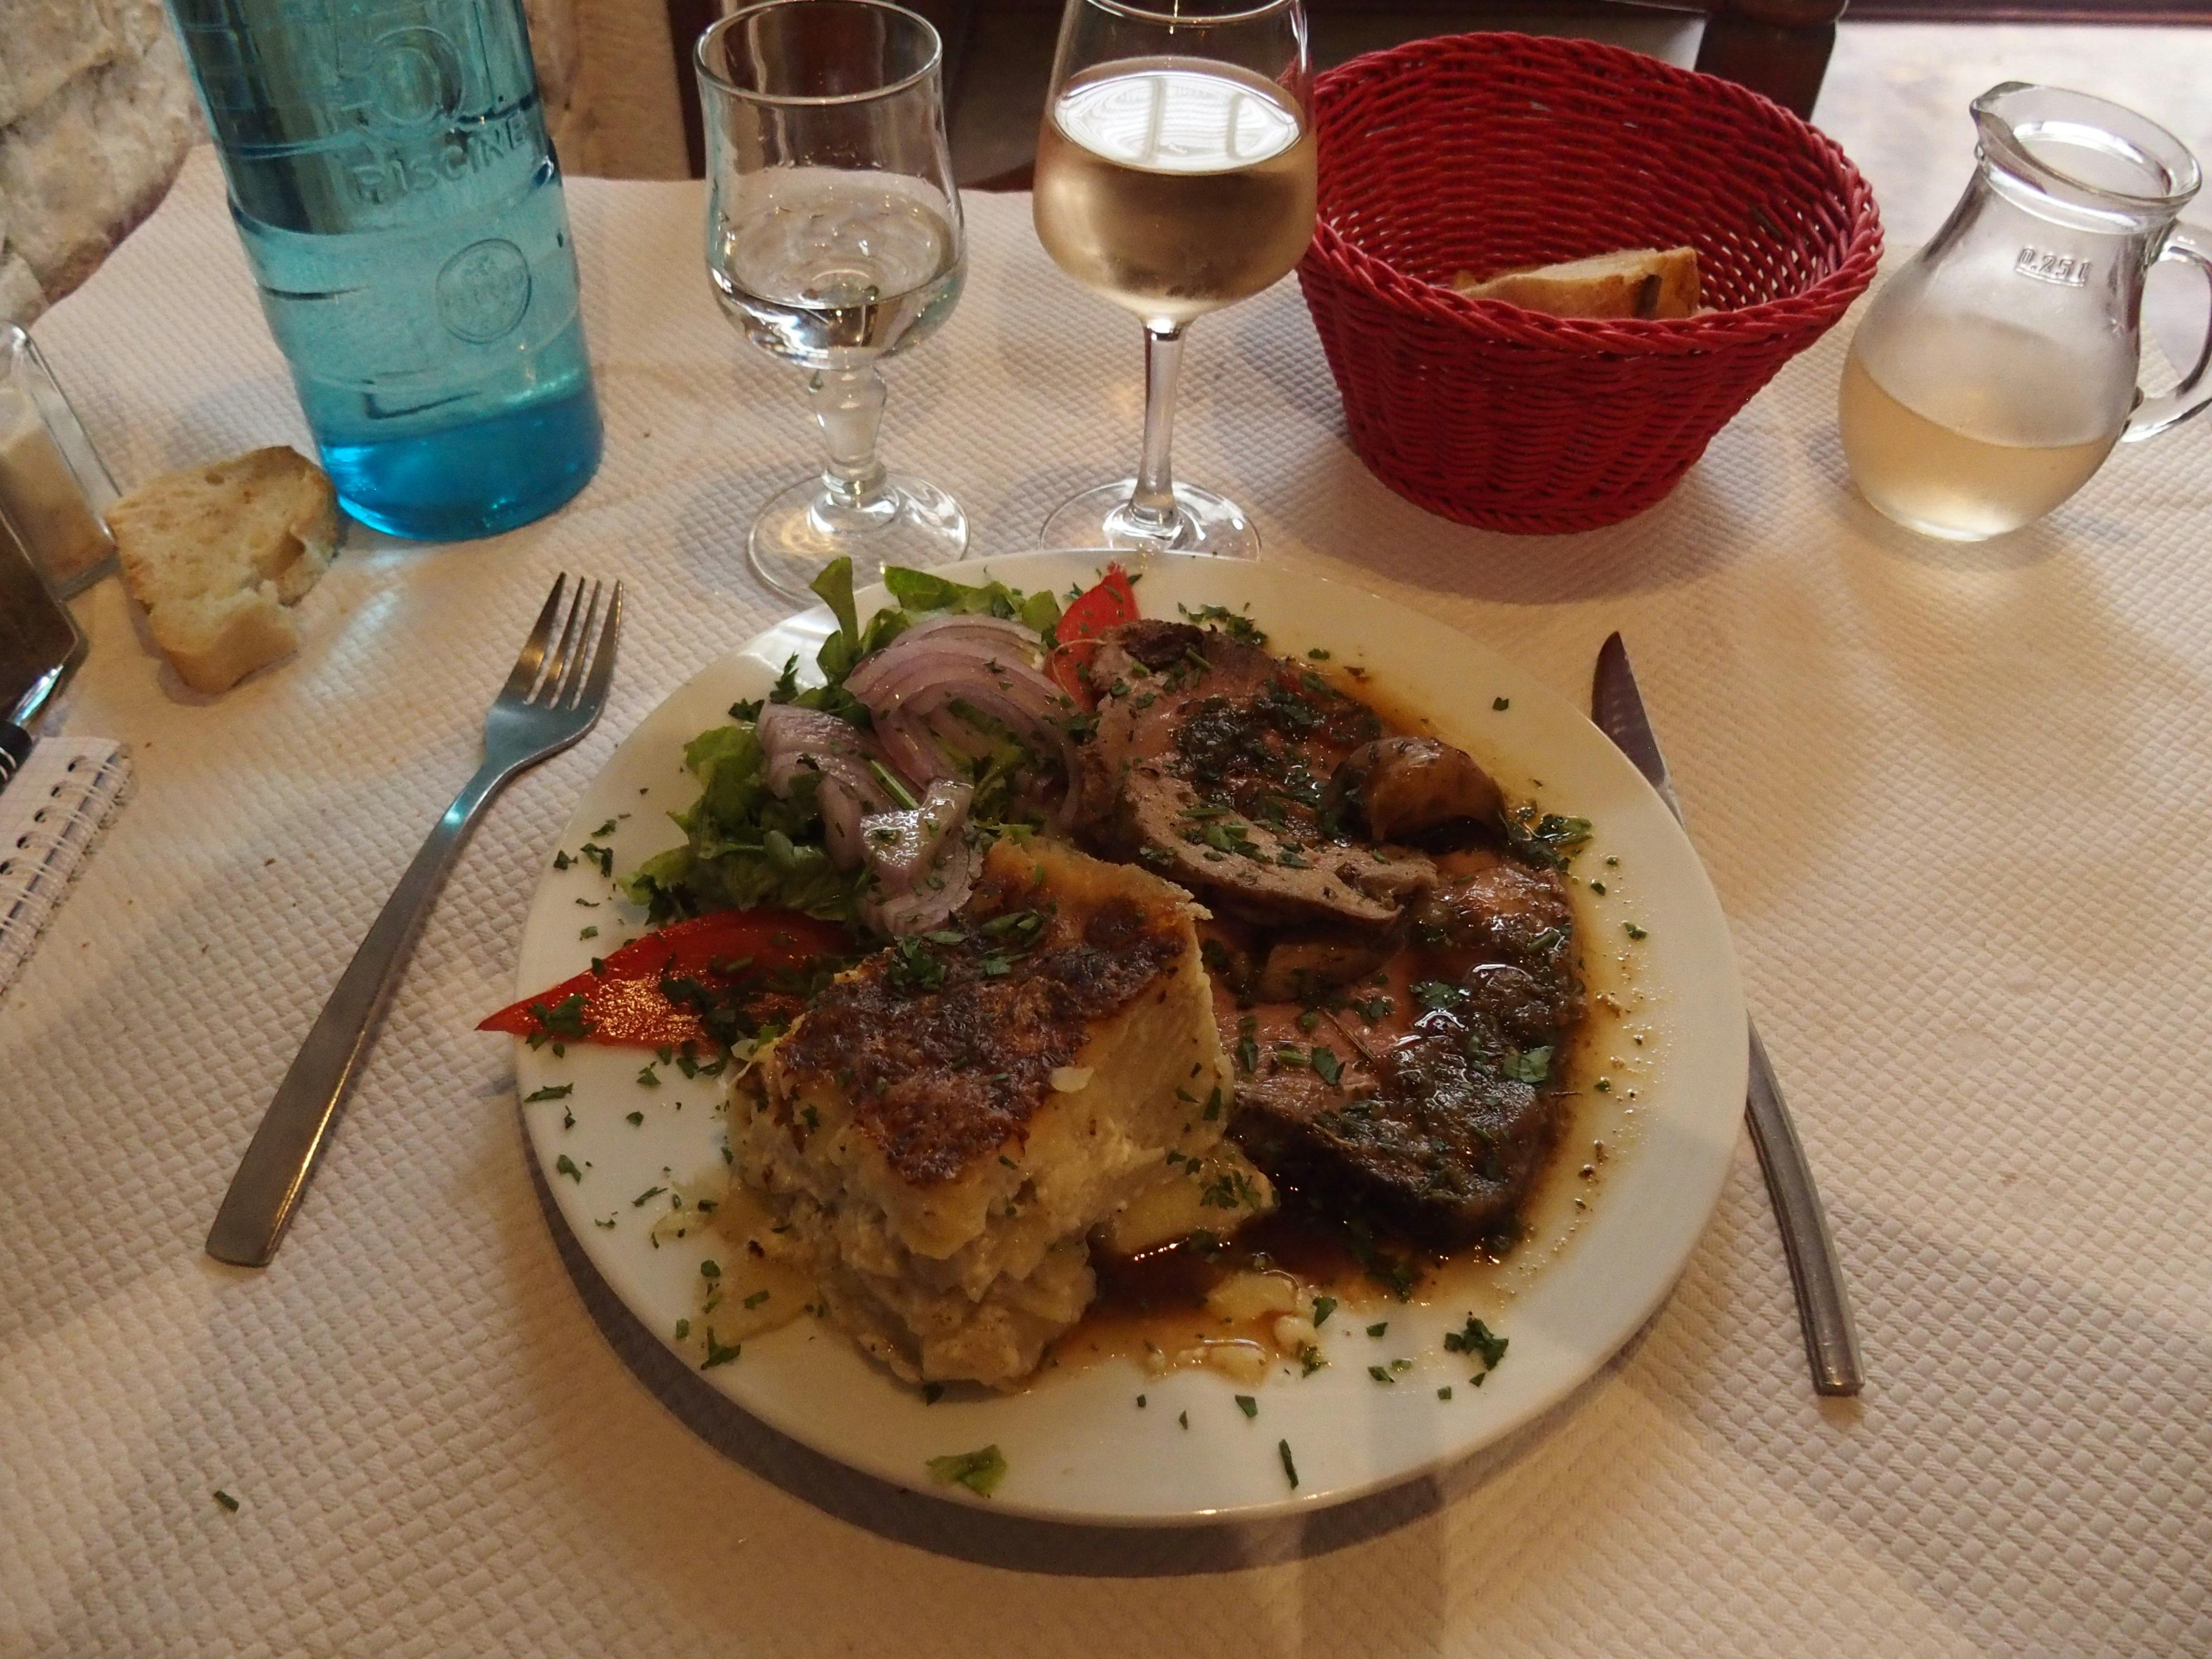 Slow Food avec dégustation d'un roti de veau dans Restaurant chez Jean Noel Sartène Corse